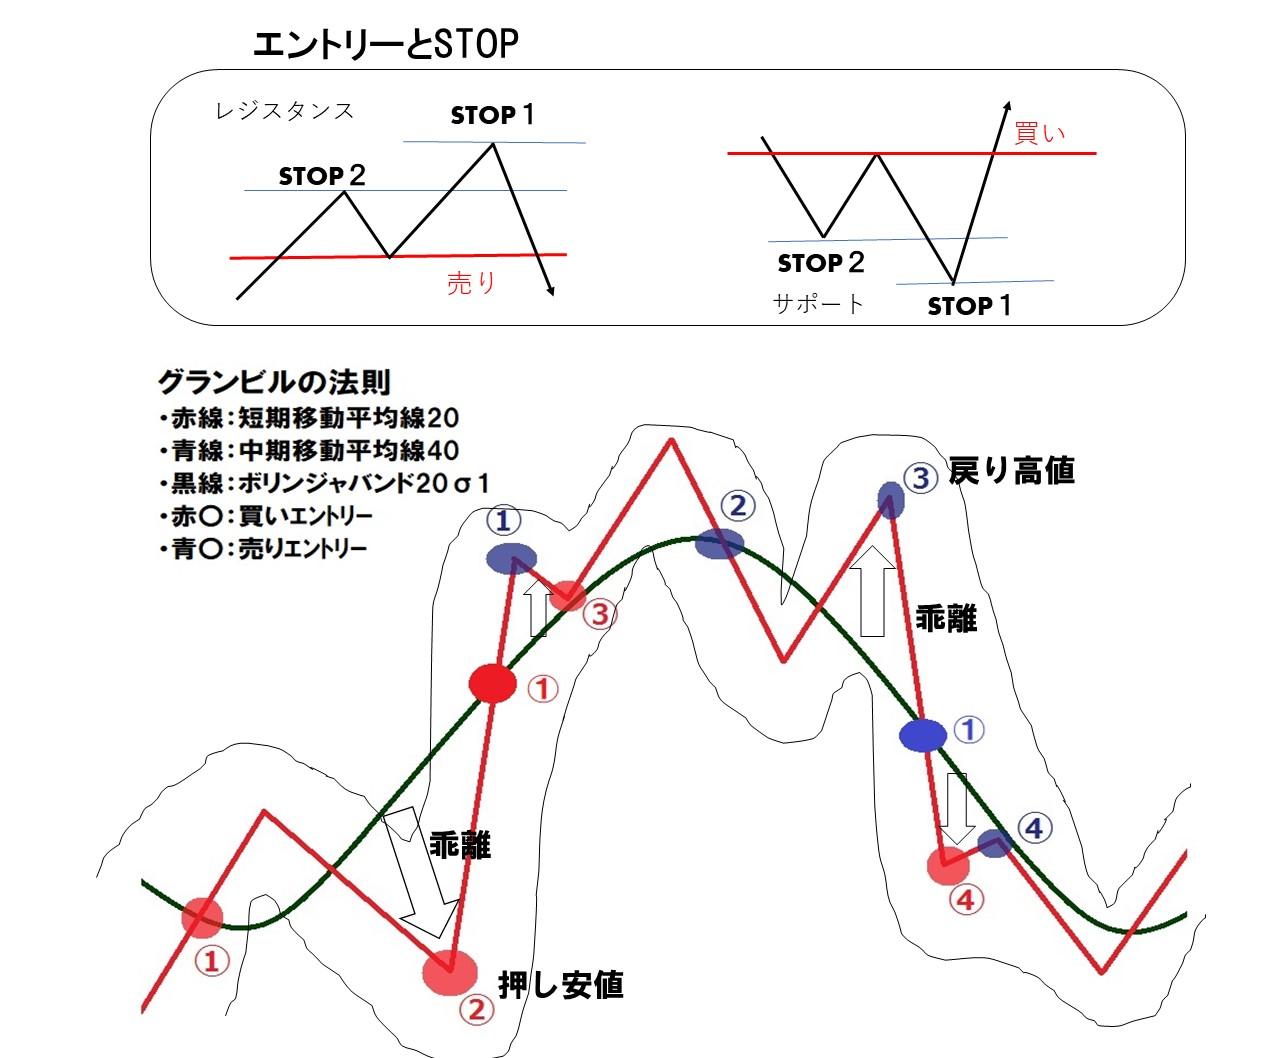 初心者の為になる手法(GDPUSD1時間足の検証)